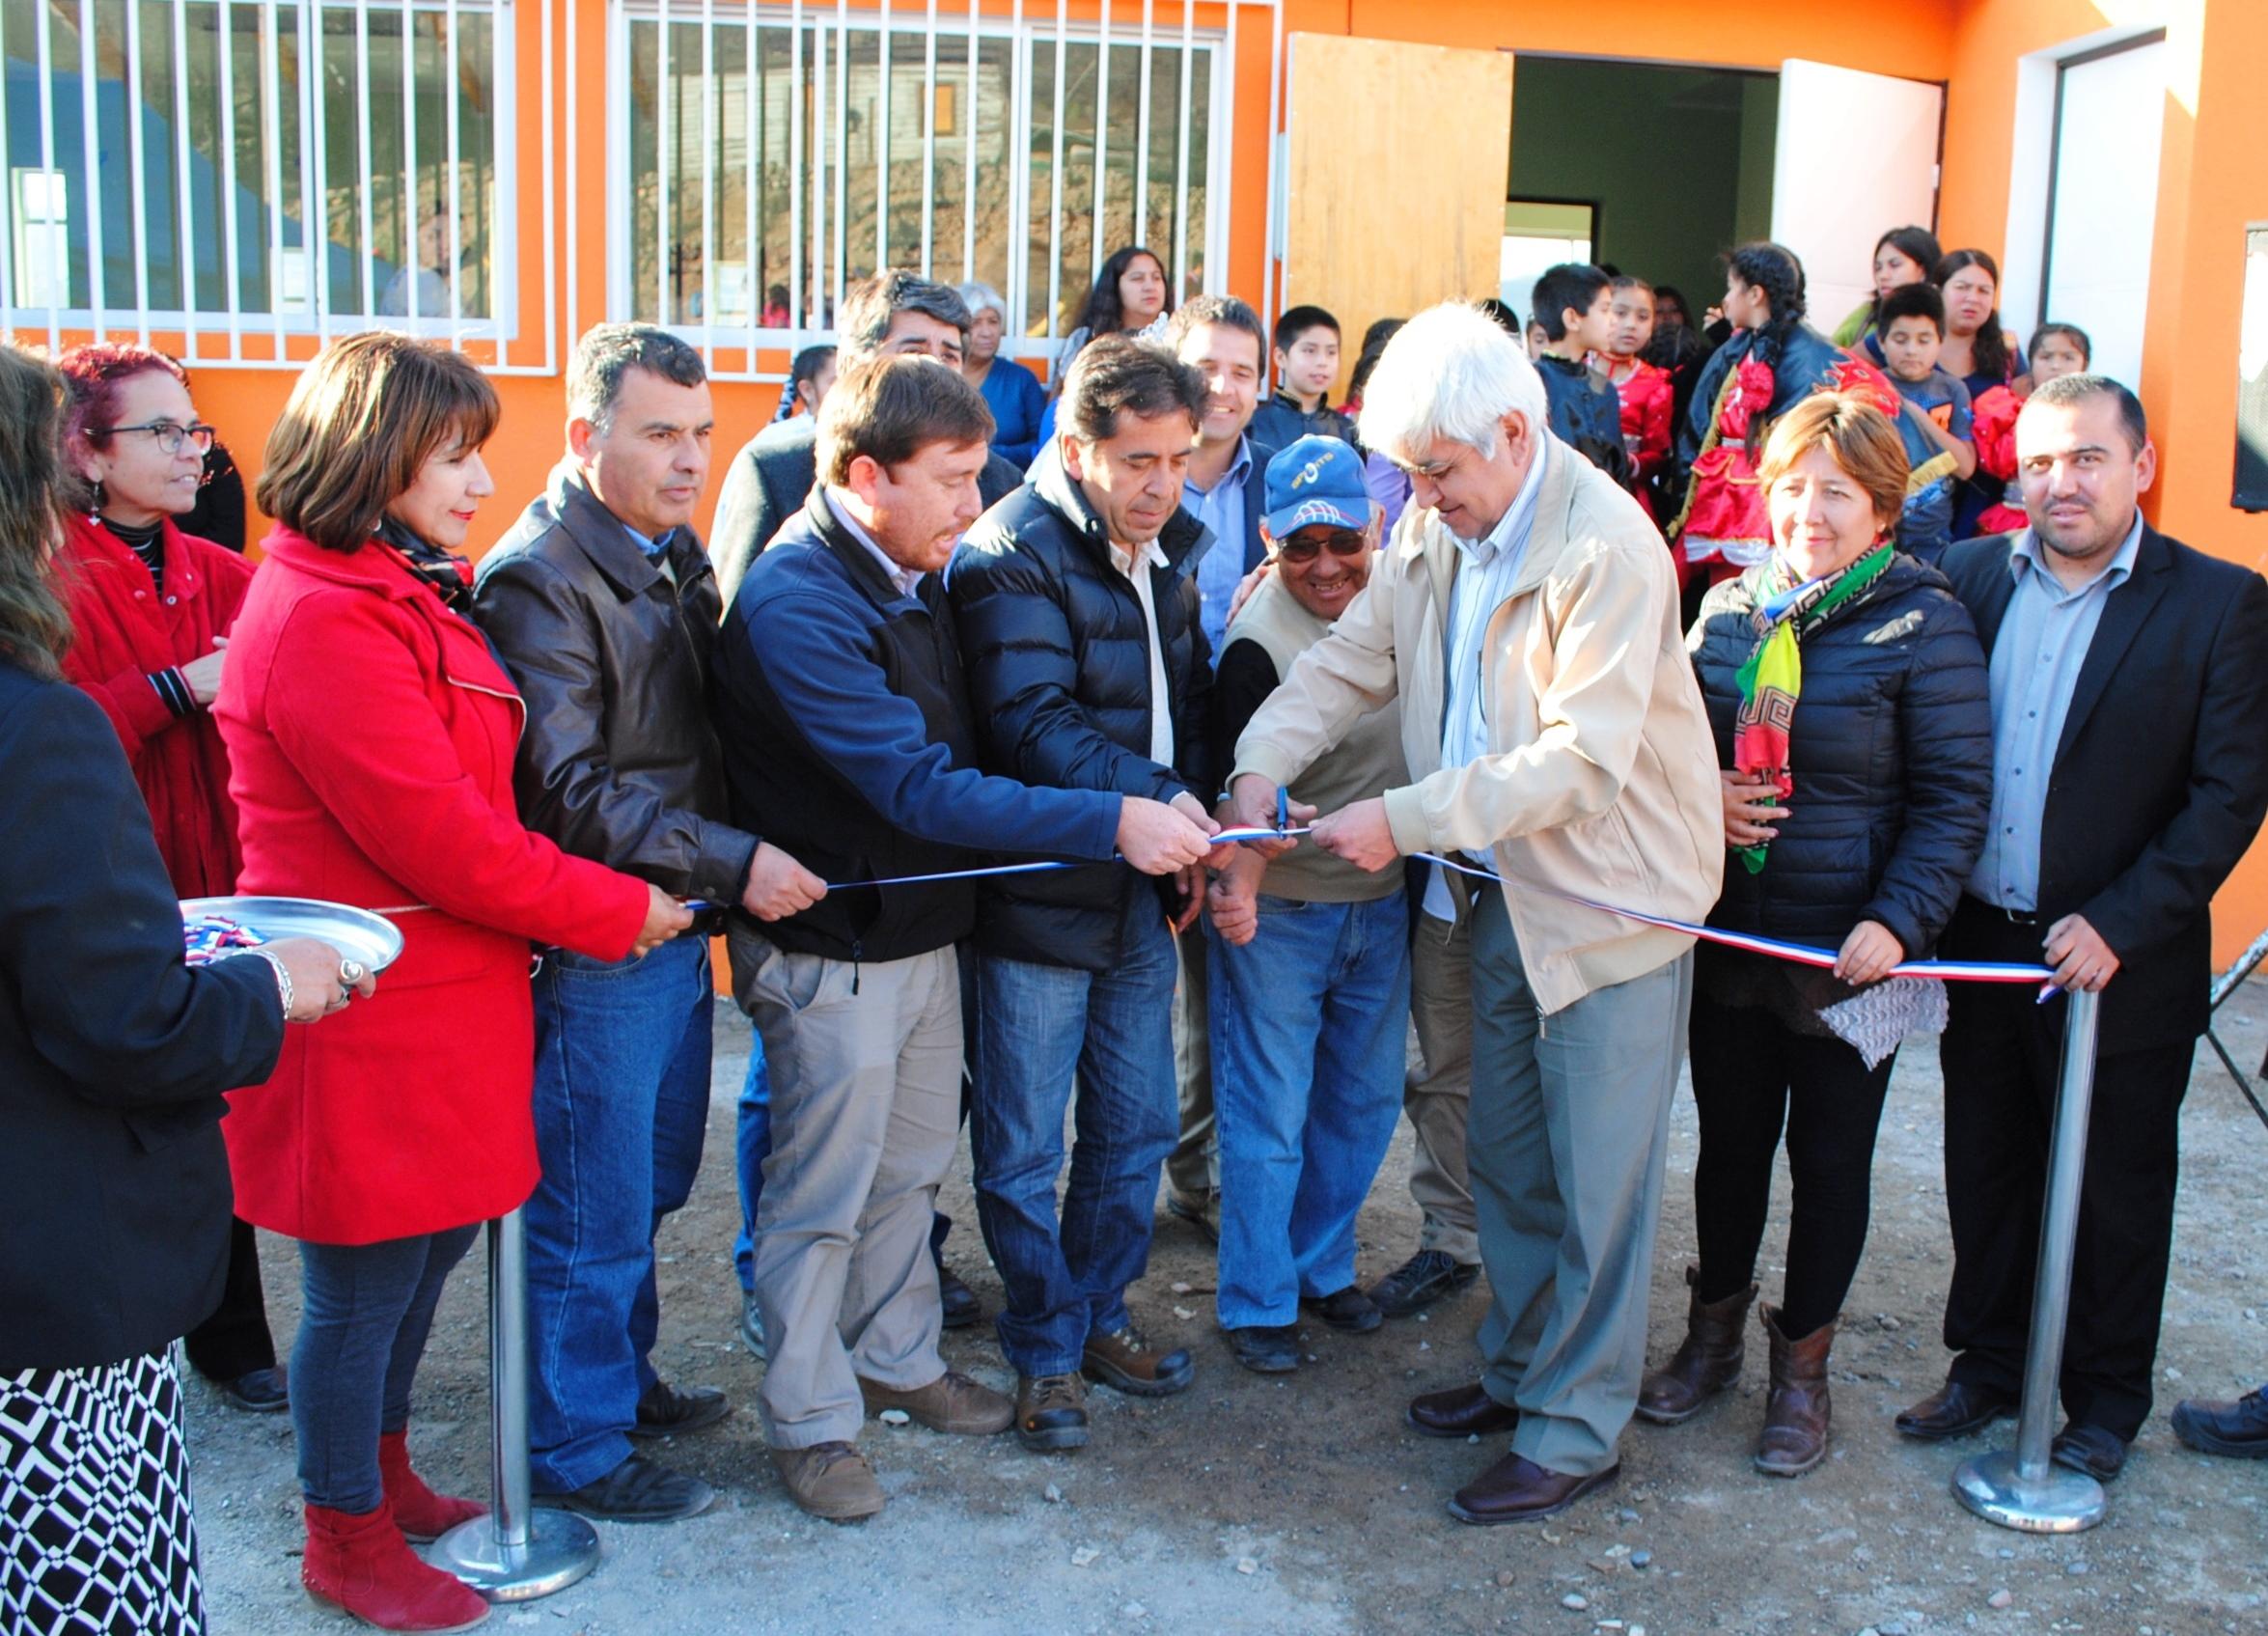 Gobierno y Municipio inauguraron camarines para el Estadio y una nueva sede vecinal en Freirina